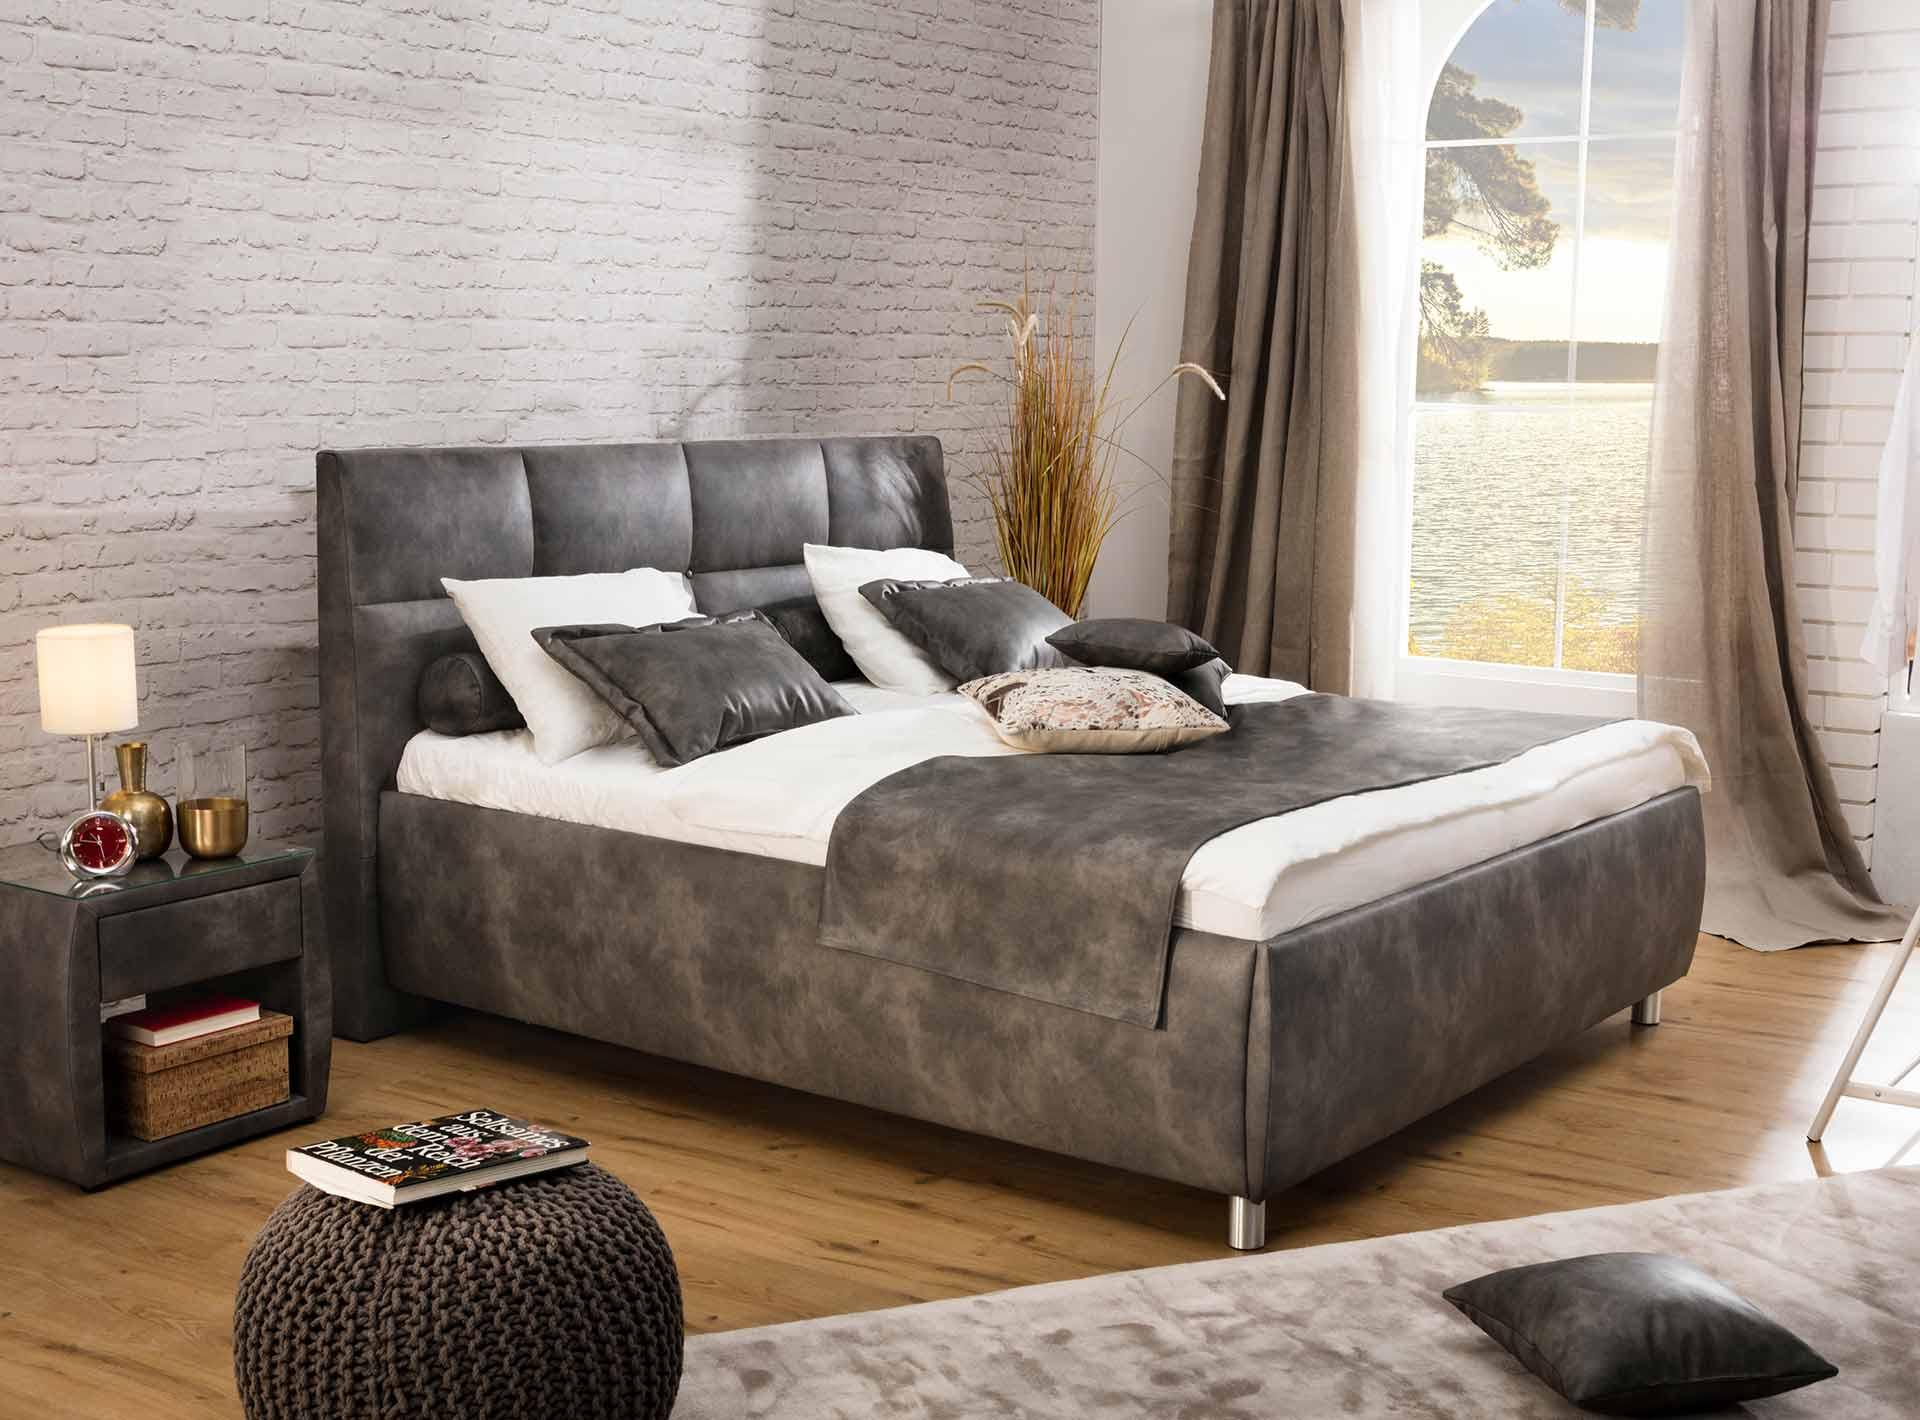 Full Size of Bett Modern Design Italienisches Puristisch Holz 140x200 120x200 Kaufen 180x200 Beyond Better Sleep Pillow Leader Betten Eiche Ada Trendline Tapete Küche Mit Wohnzimmer Bett Modern